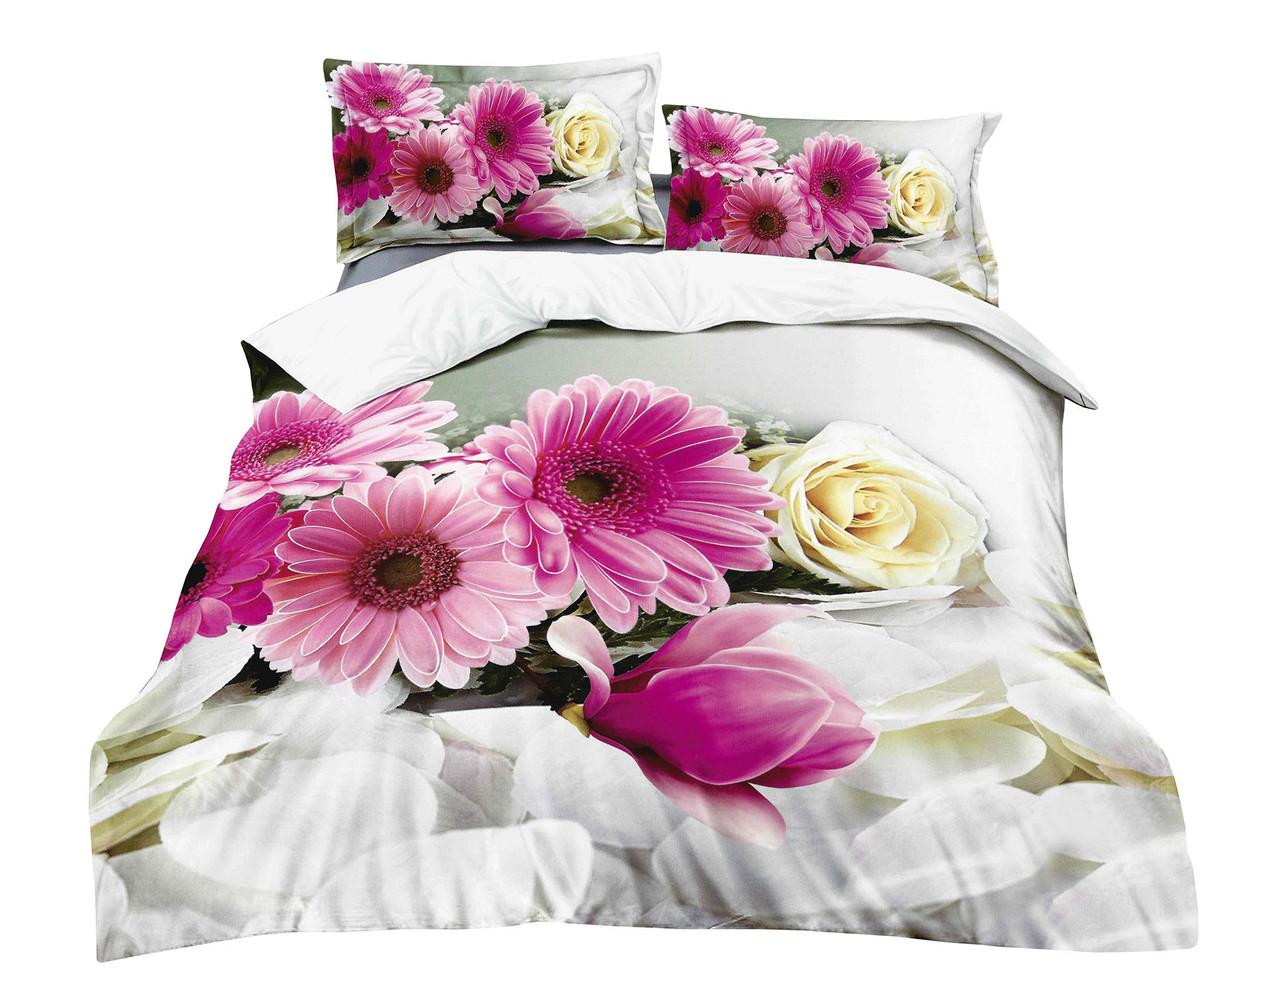 Комплект постельного белья Микроволокно HXDD-785 M&M 6338 Розовый, Серый